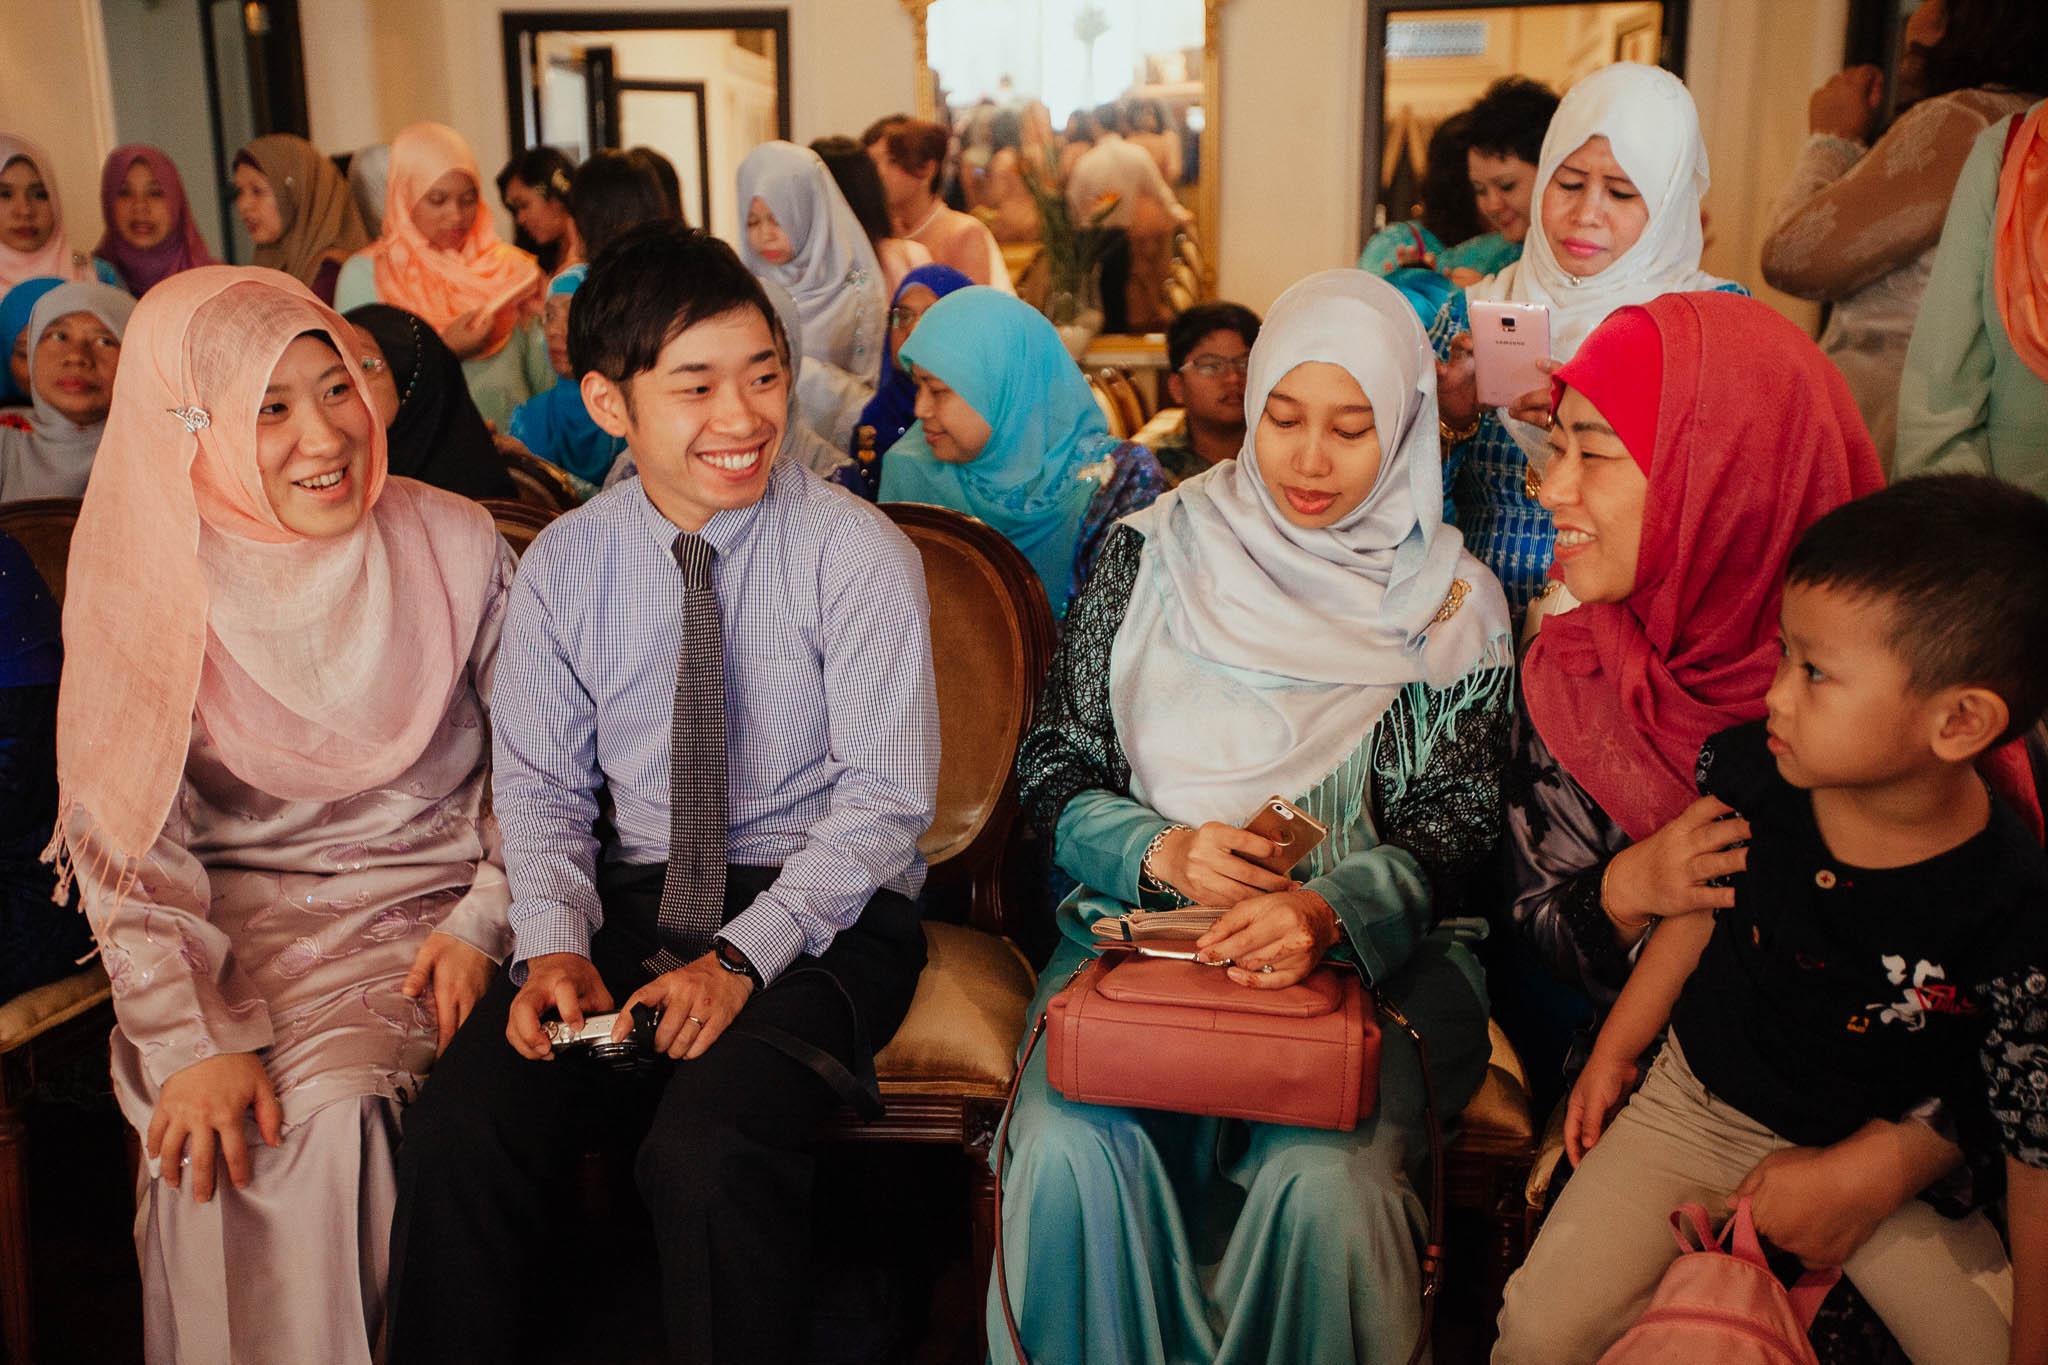 singapore-wedding-photographer-travel-wemadethese-atara-hafizah-19.jpg